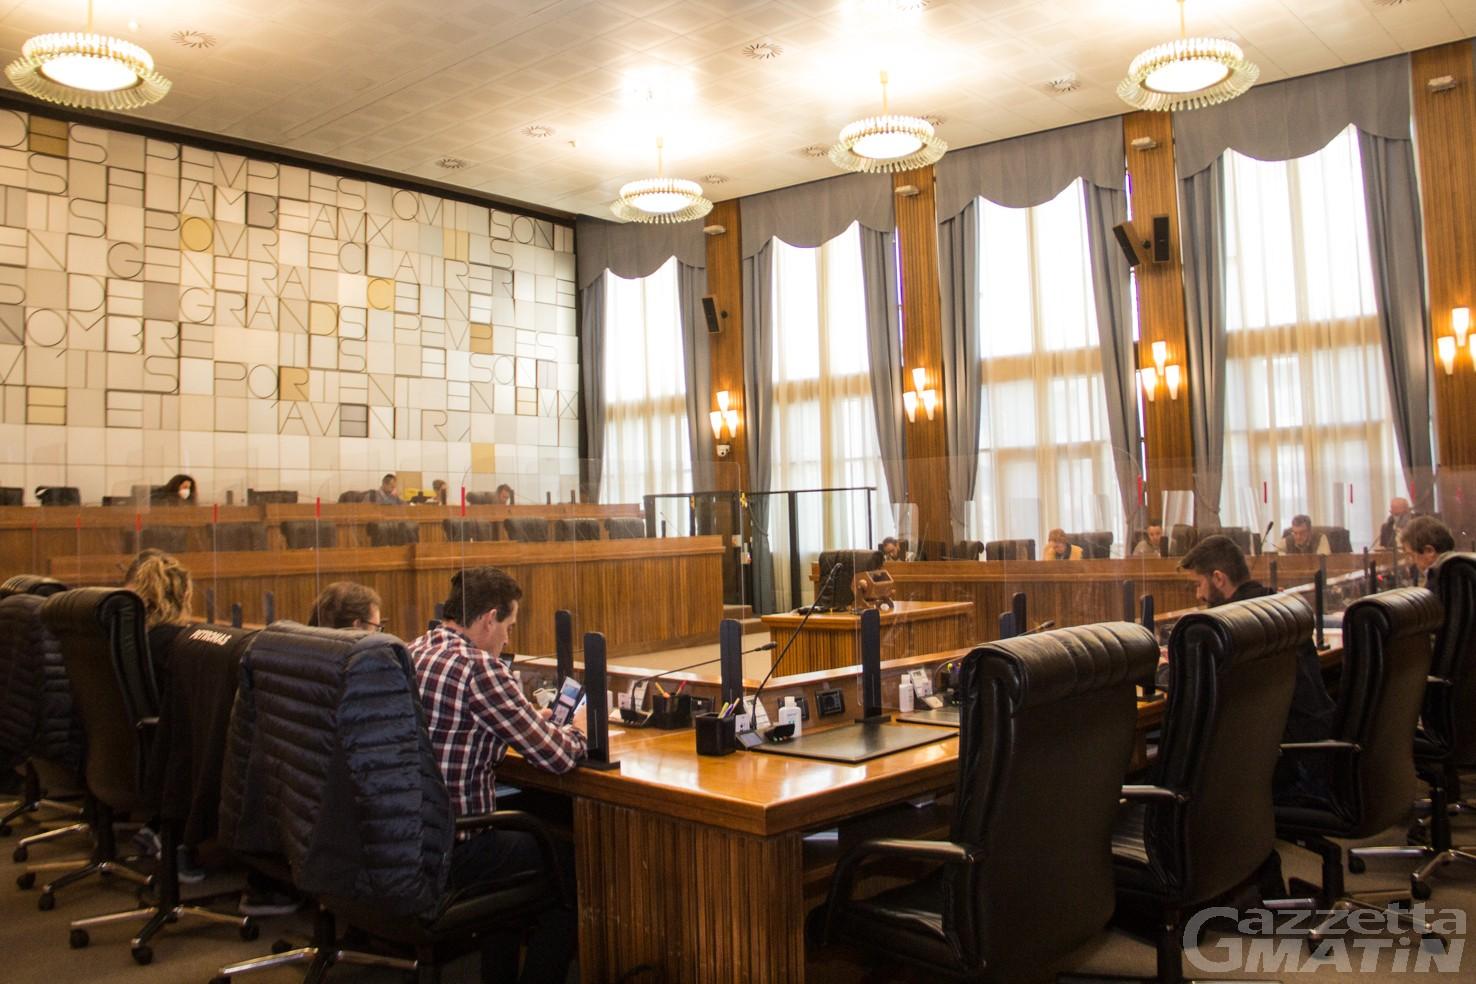 V Commissione: sì alla legge sulla nomina del direttore dell'azienda Usl